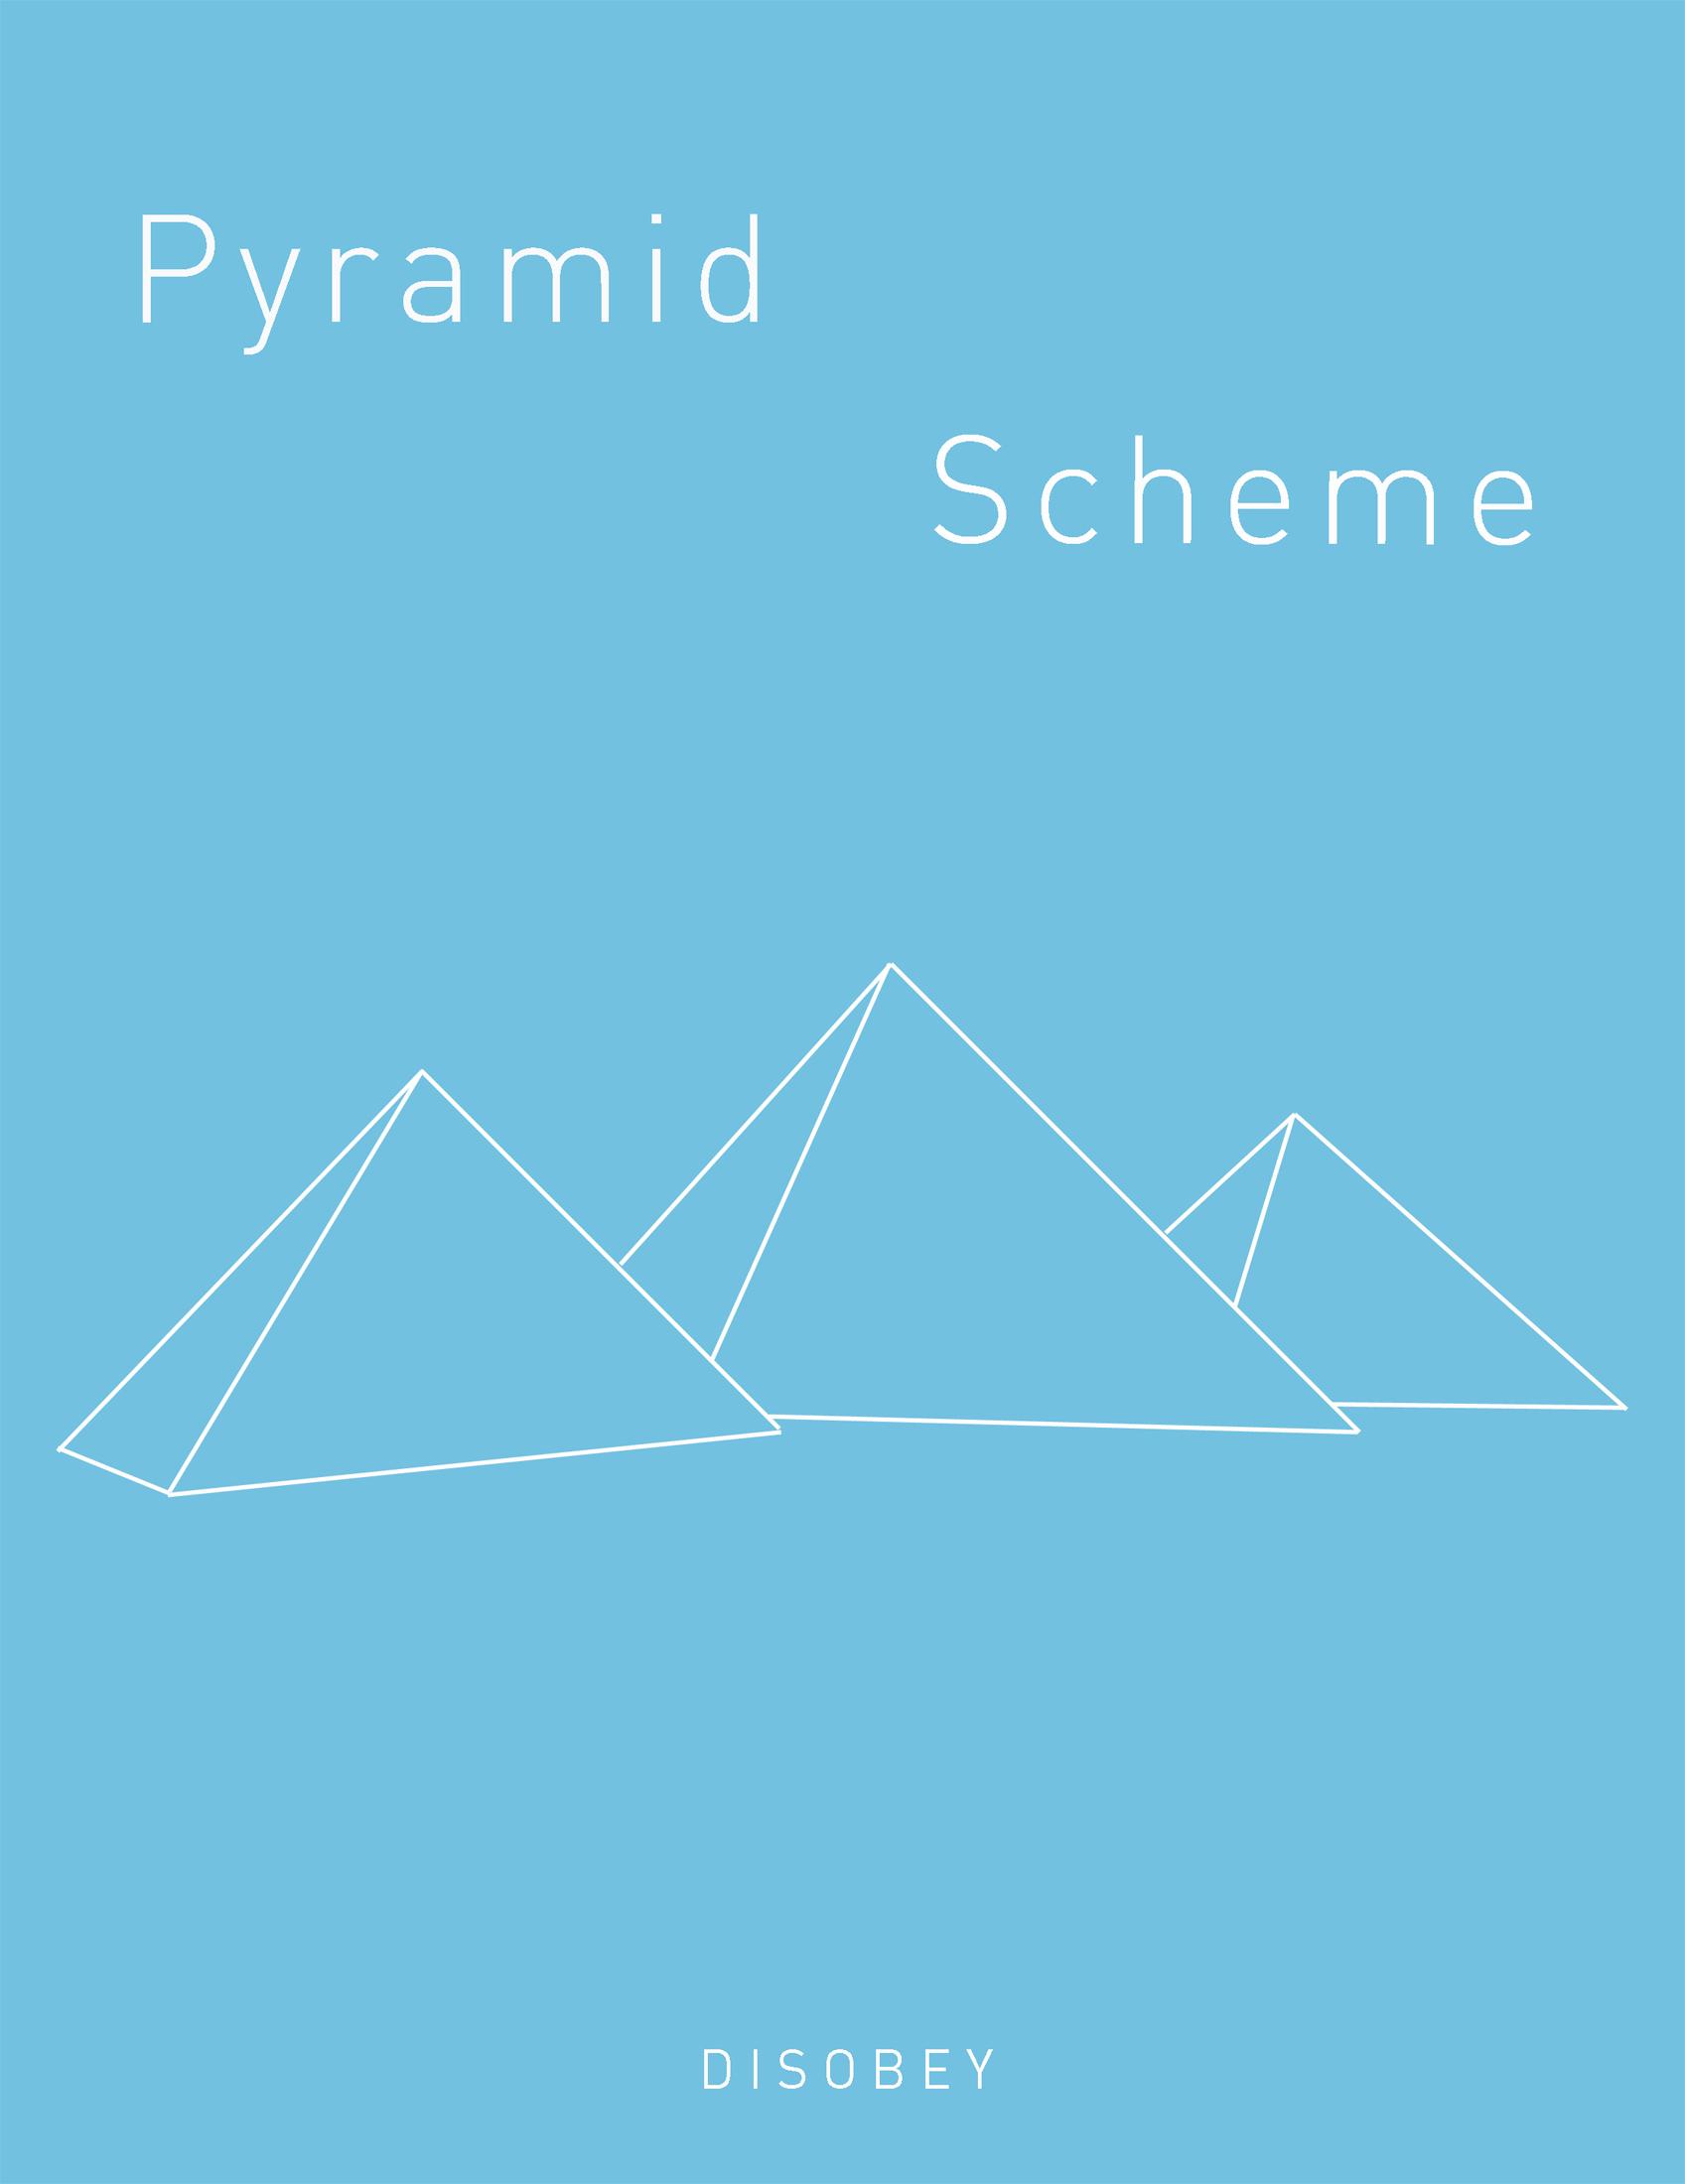 PYRAMID SCHEME_03.jpg